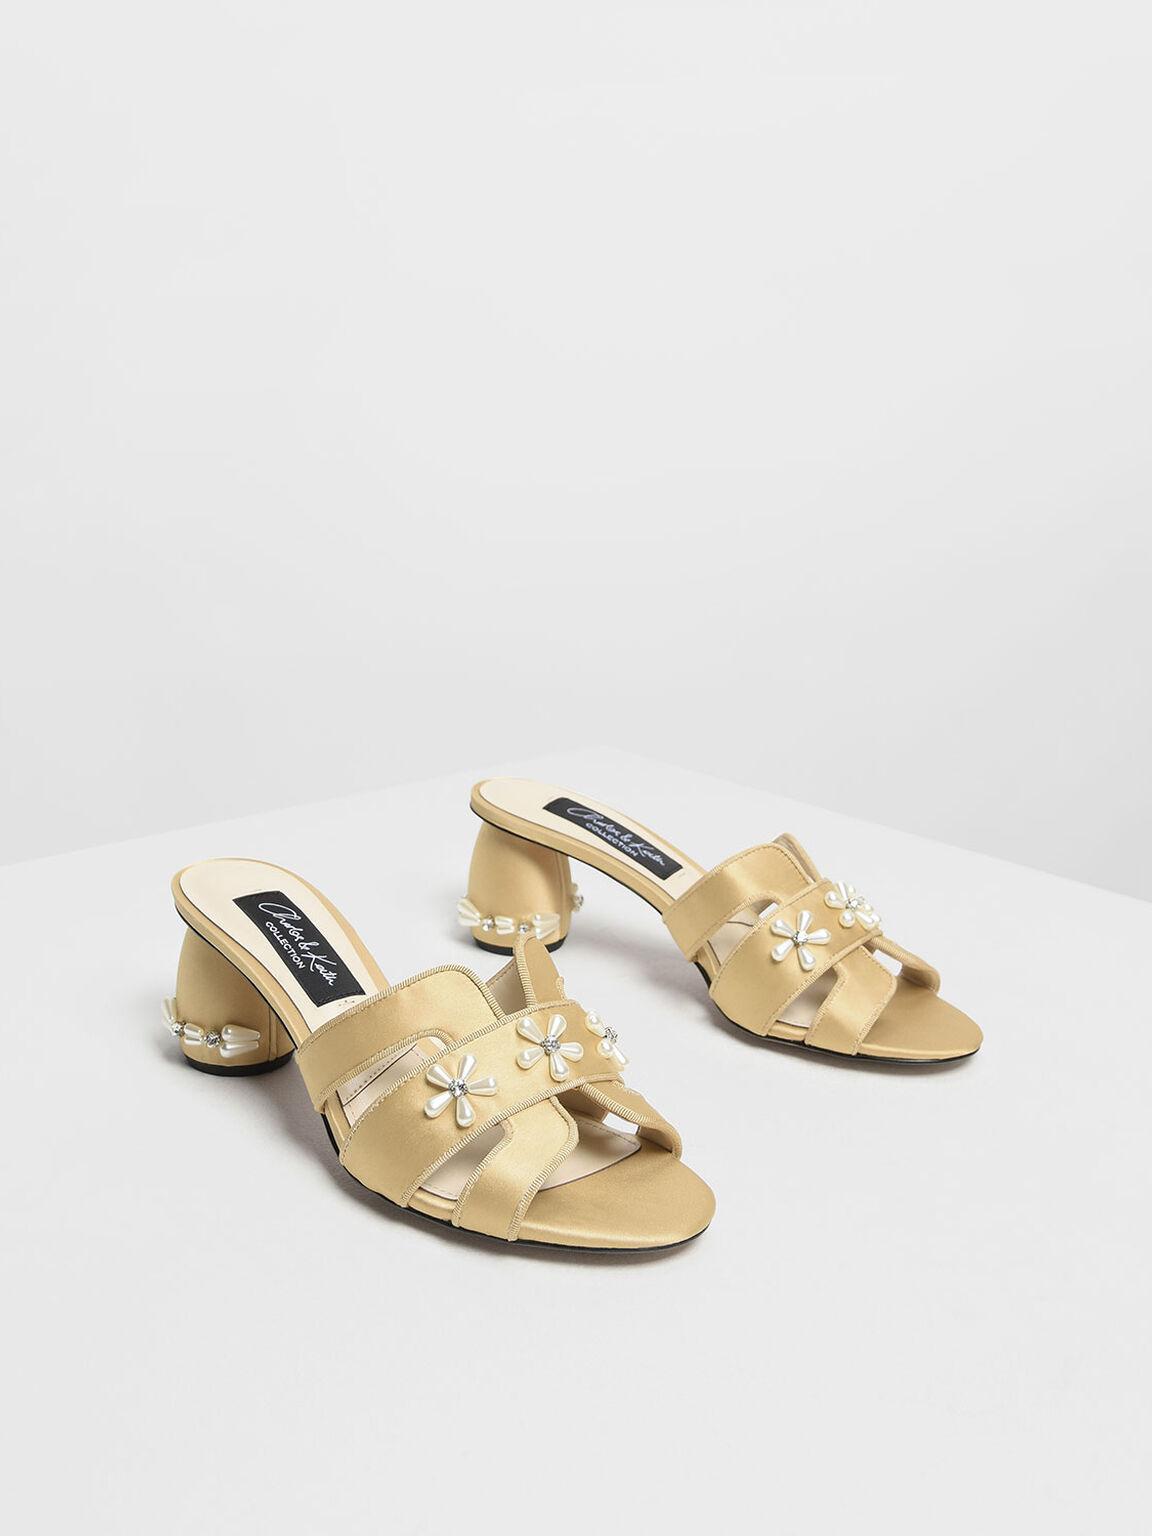 Pearl Embellished Satin Heeled Slide Sandals, Beige, hi-res